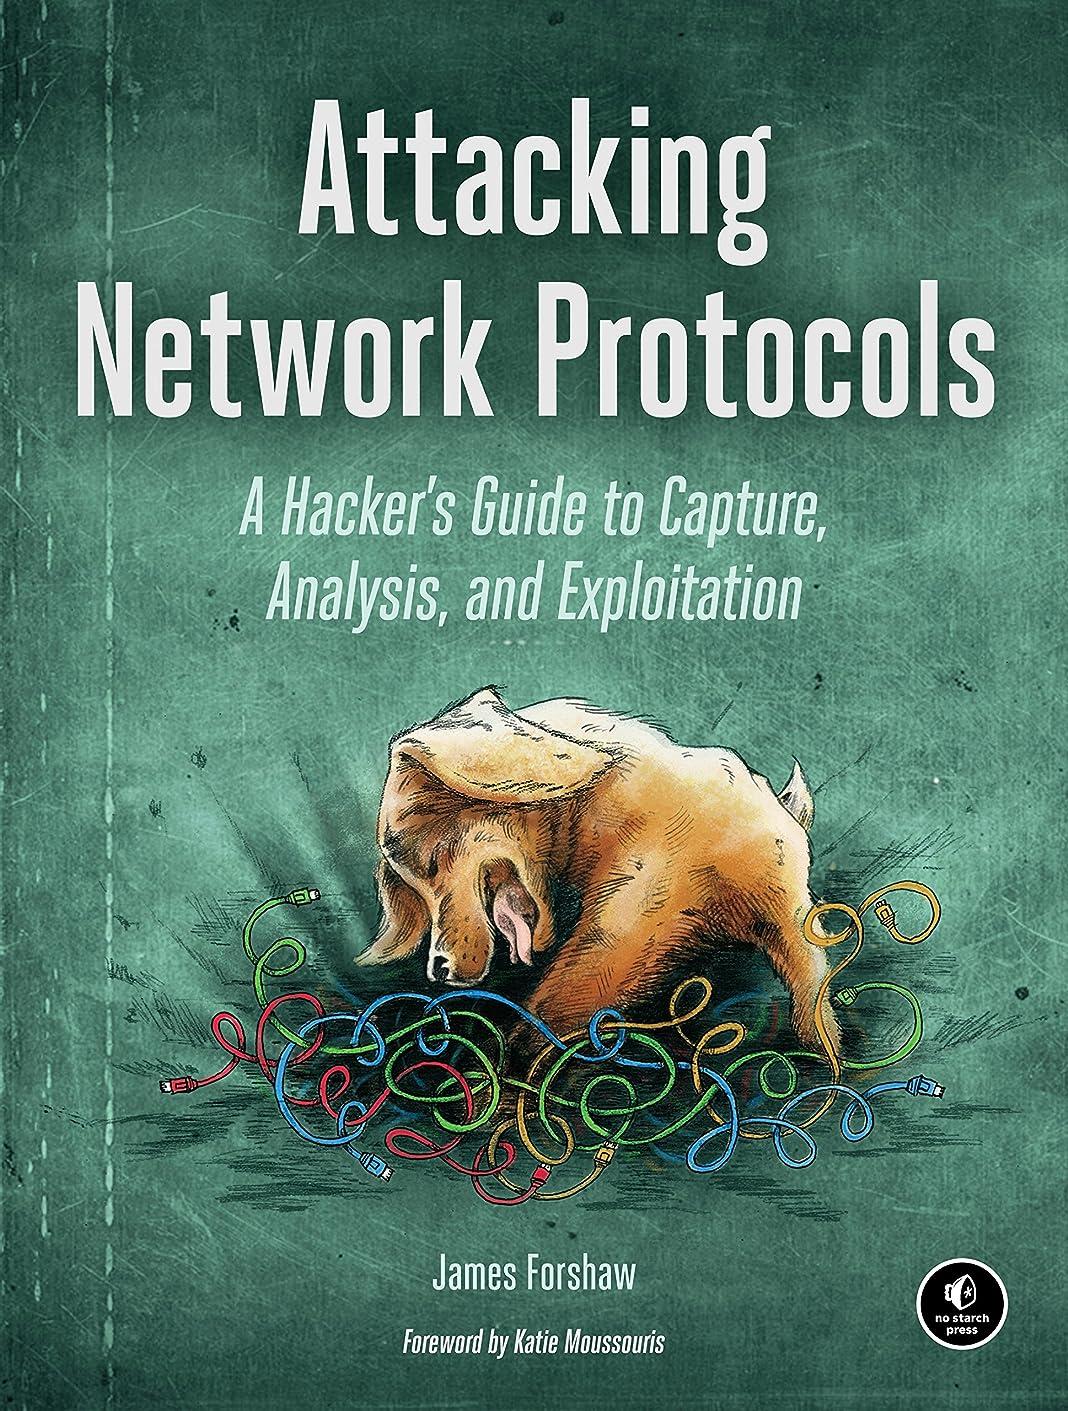 役立つ展示会逆さまにAttacking Network Protocols: A Hacker's Guide to Capture, Analysis, and Exploitation (English Edition)